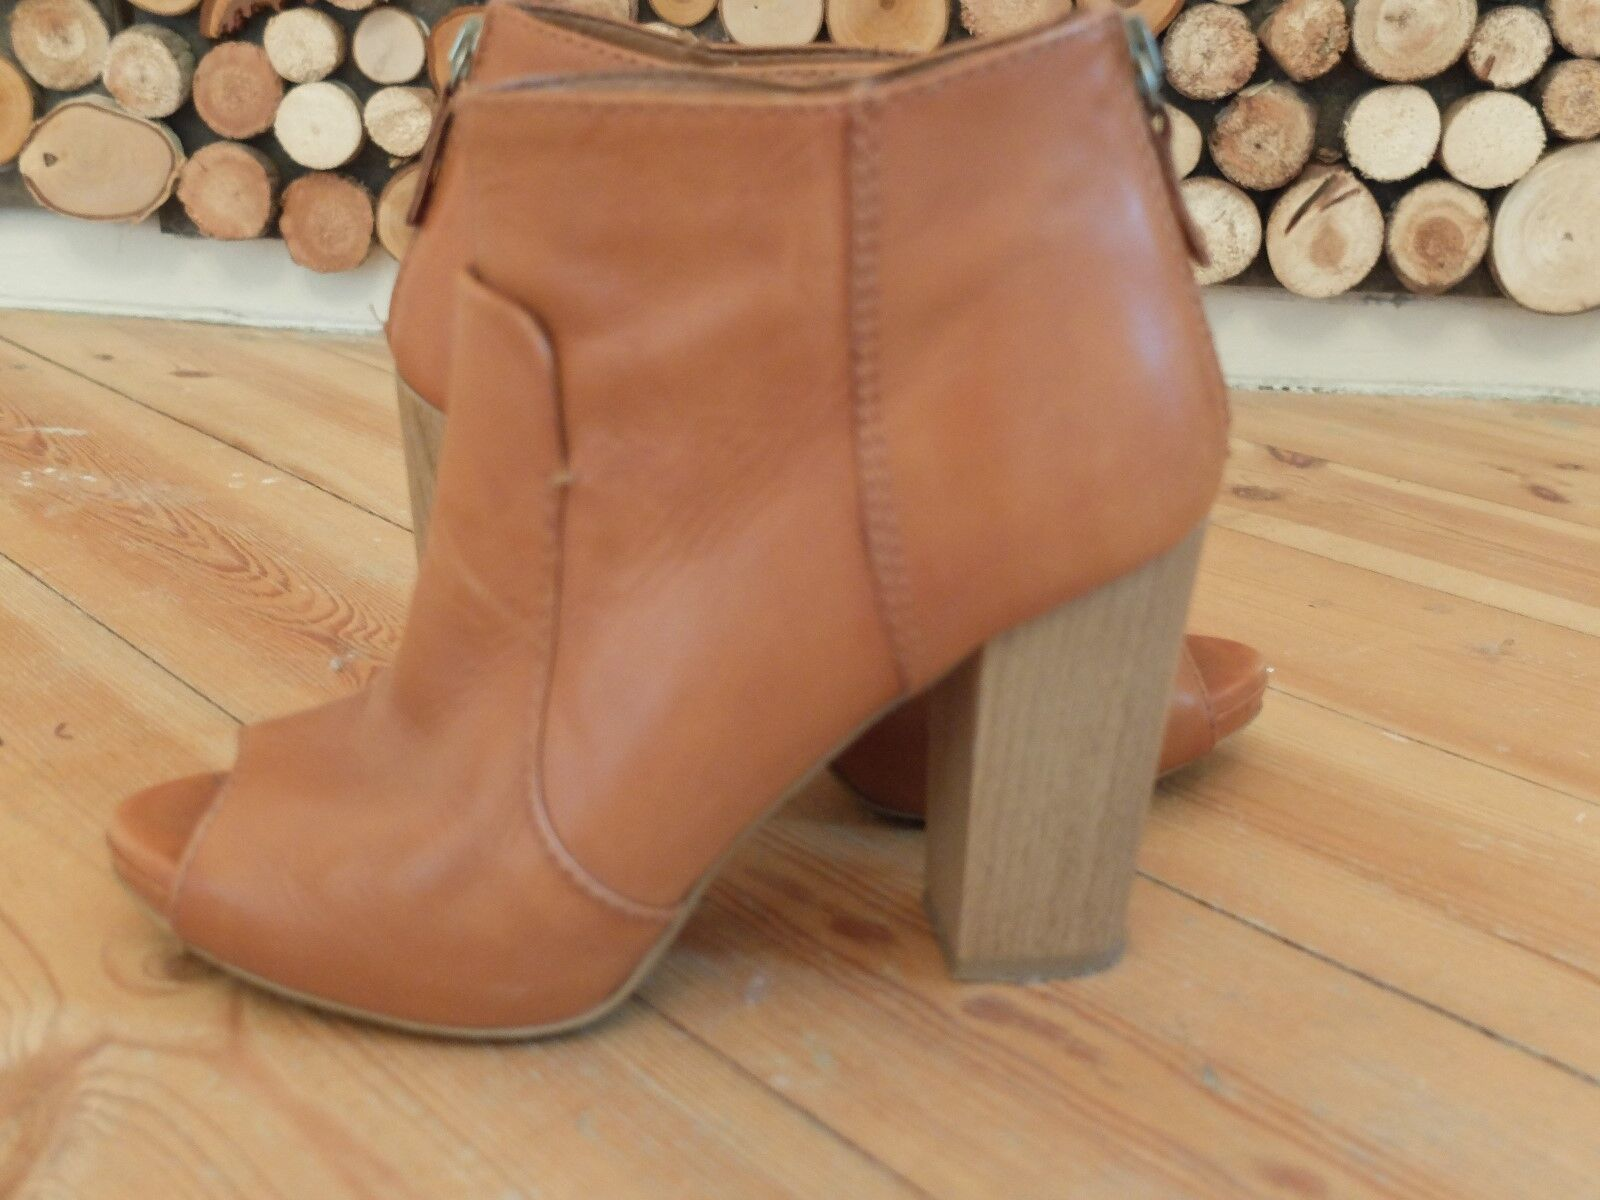 Zara Zara Zara high heels  plateau schuhe braun grösse 37 c73f79